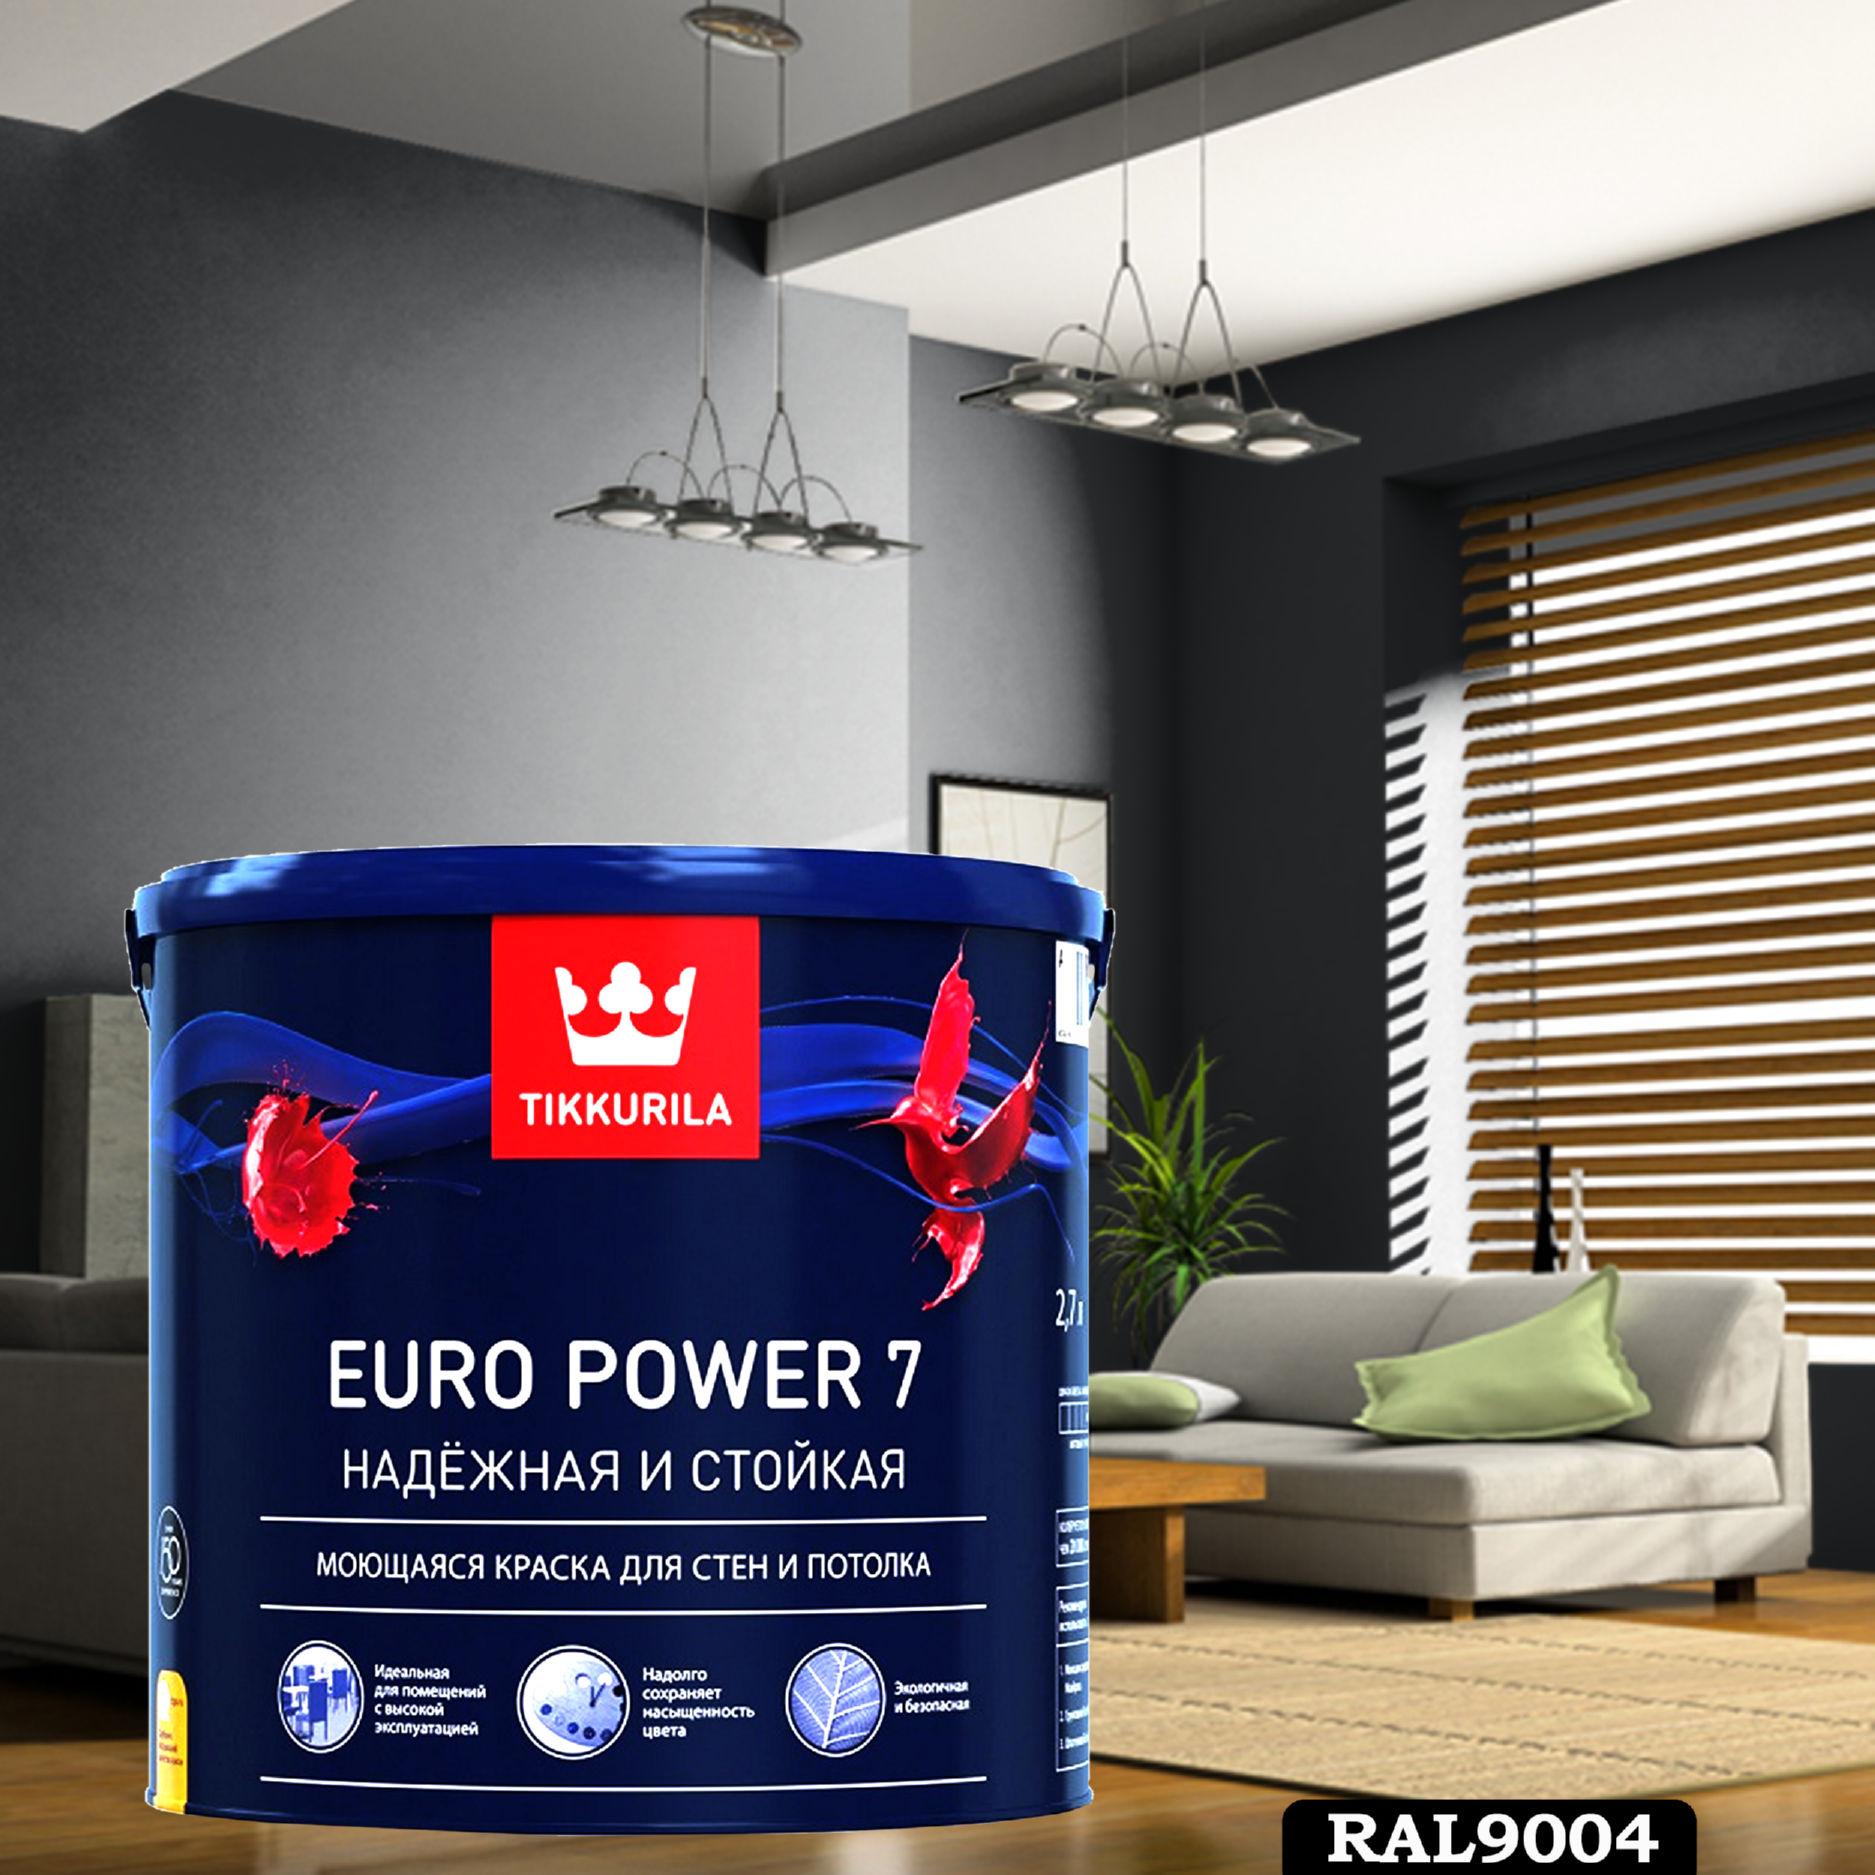 Фото 4 - Краска TIKKURILA Euro Power 7,  RAL 9004 Сигнальный-черный, латексная моющаяся матовая интерьерная, 9 л.